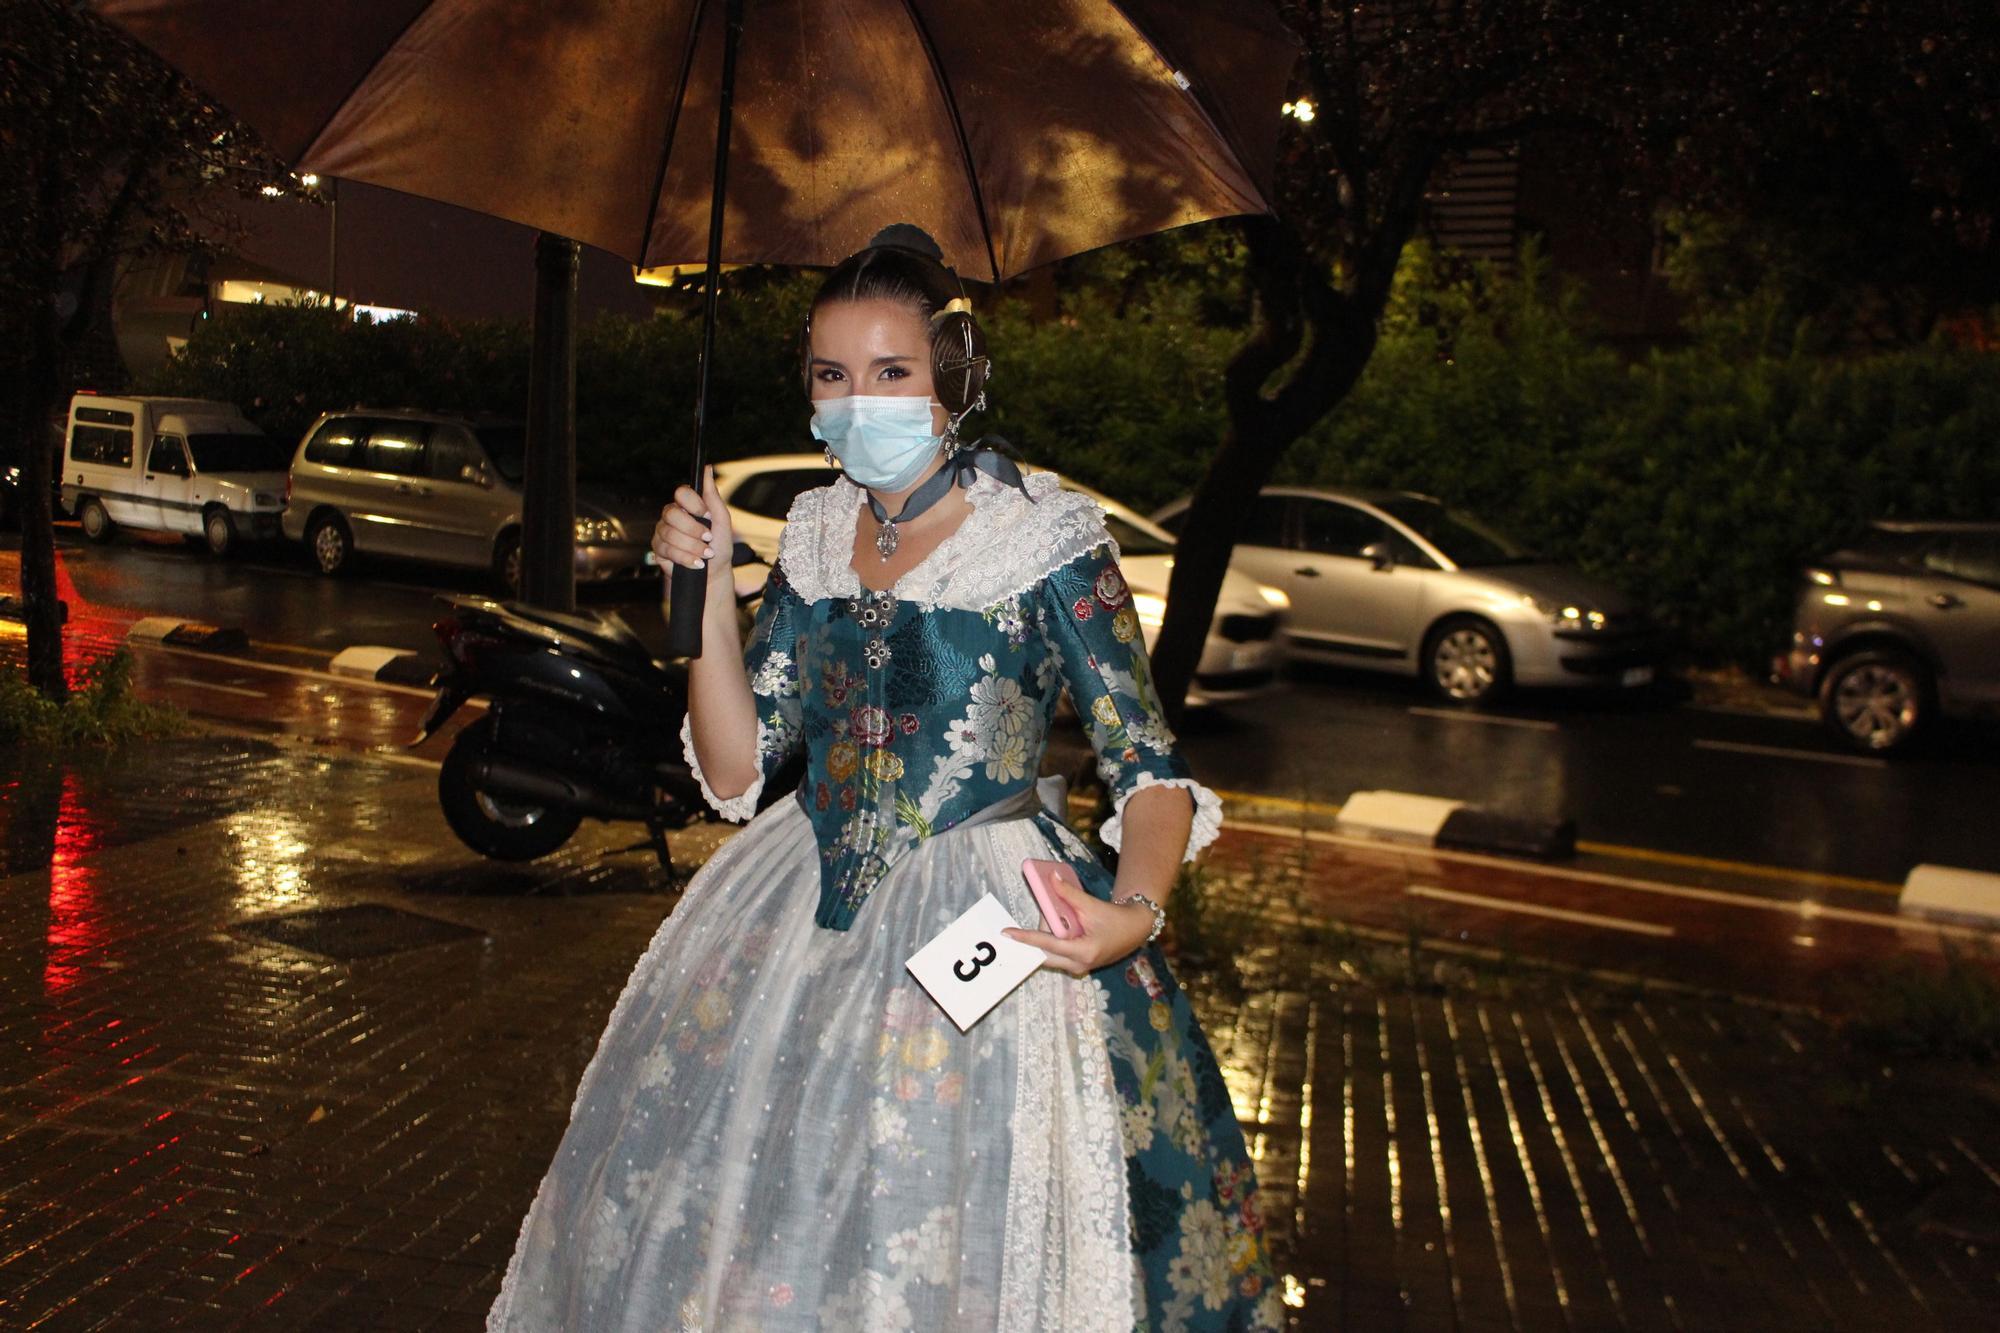 La lluvia irrumpe en la presentación de las candidatas a Falleras Mayores de València 2022